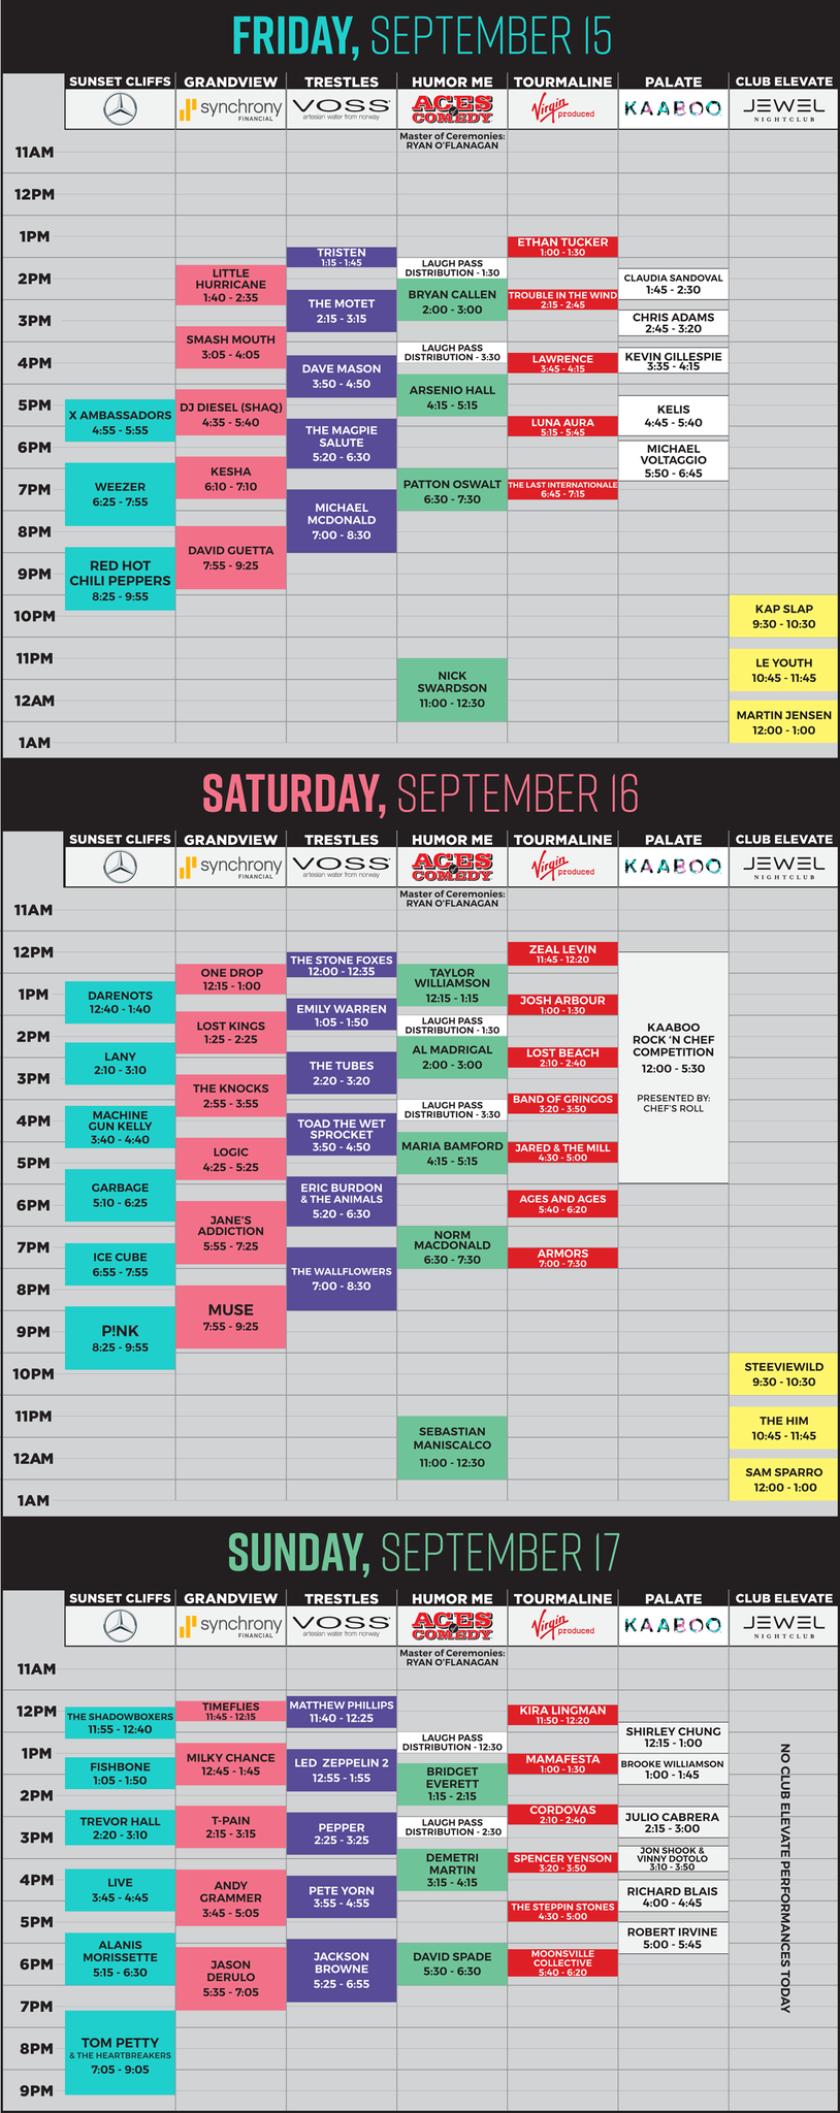 KAABOO Del Mar 2017 schedule.